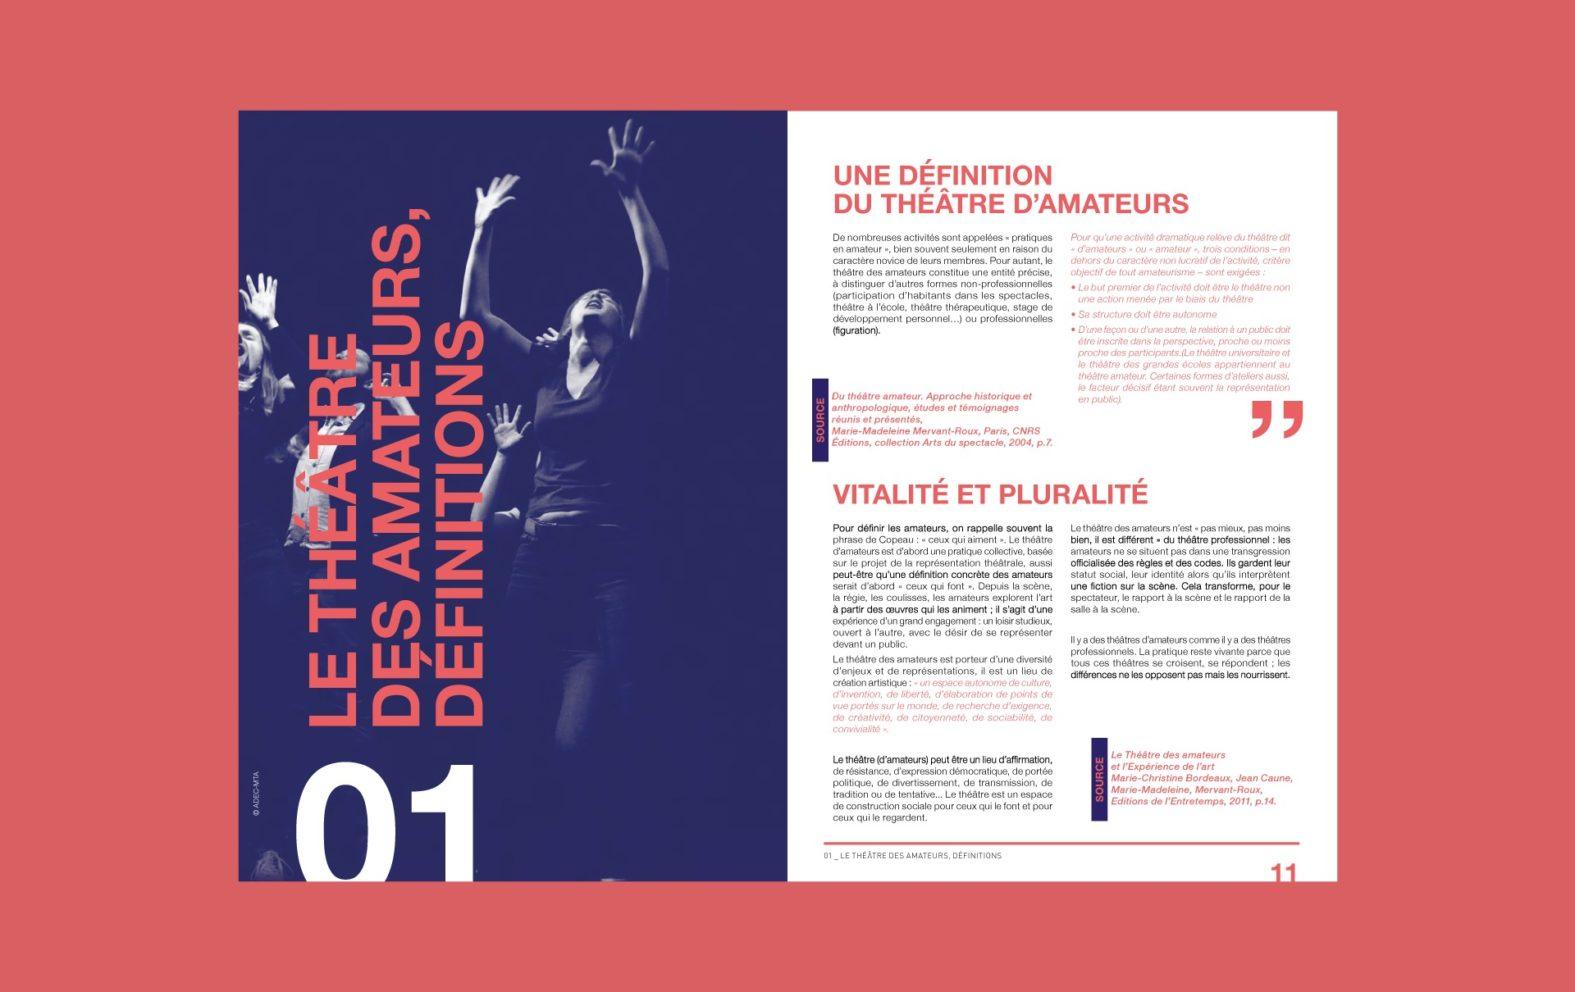 Landeau Création Maison du théâtre intro guide du théâtre amateur